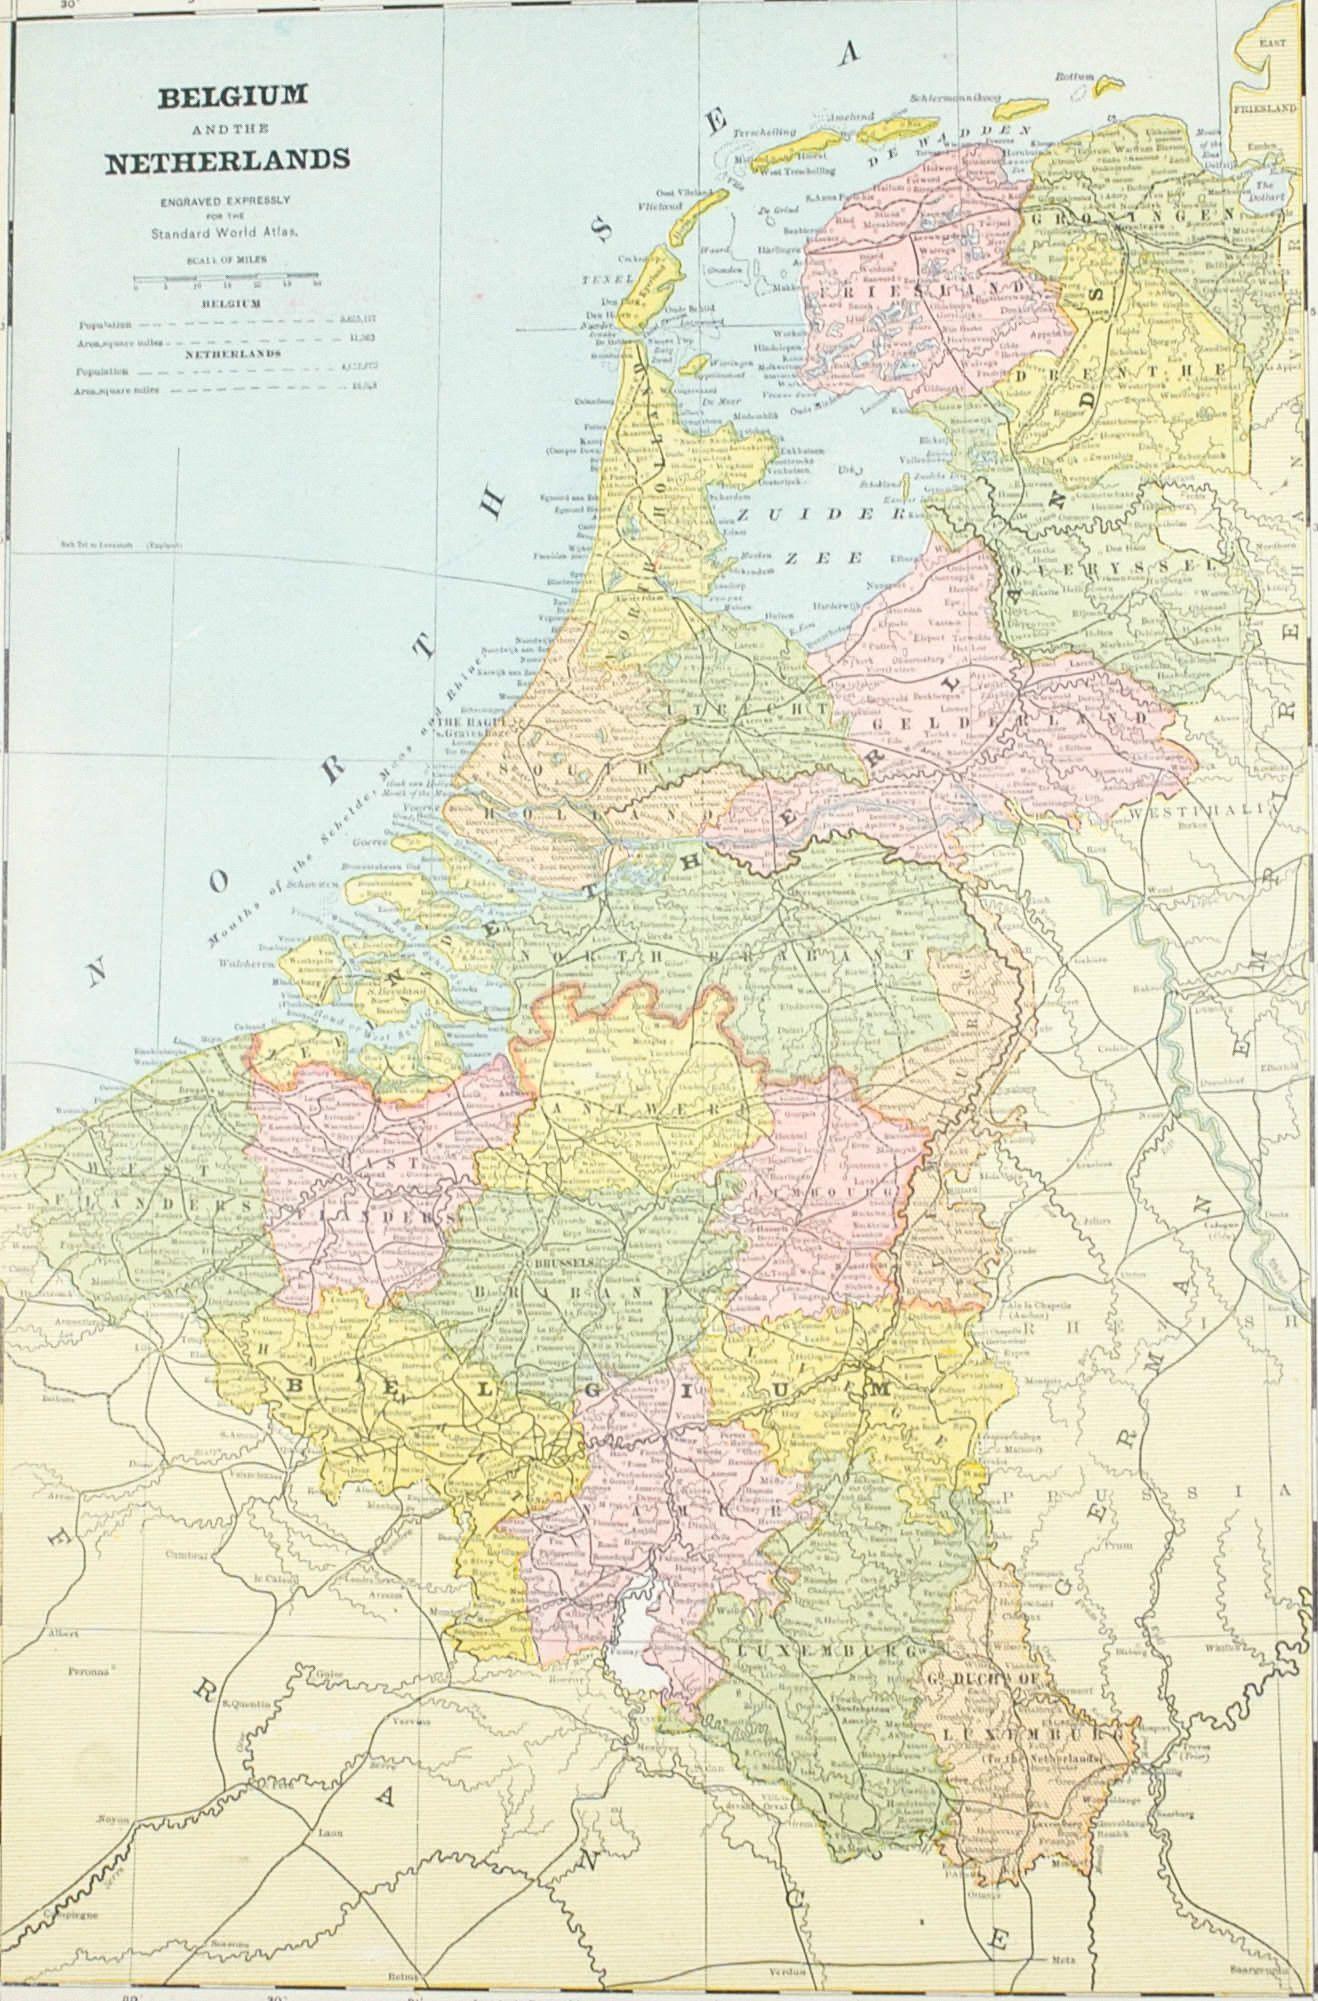 1887 Sweden Norway Belgium Netherlands Cram Belgium